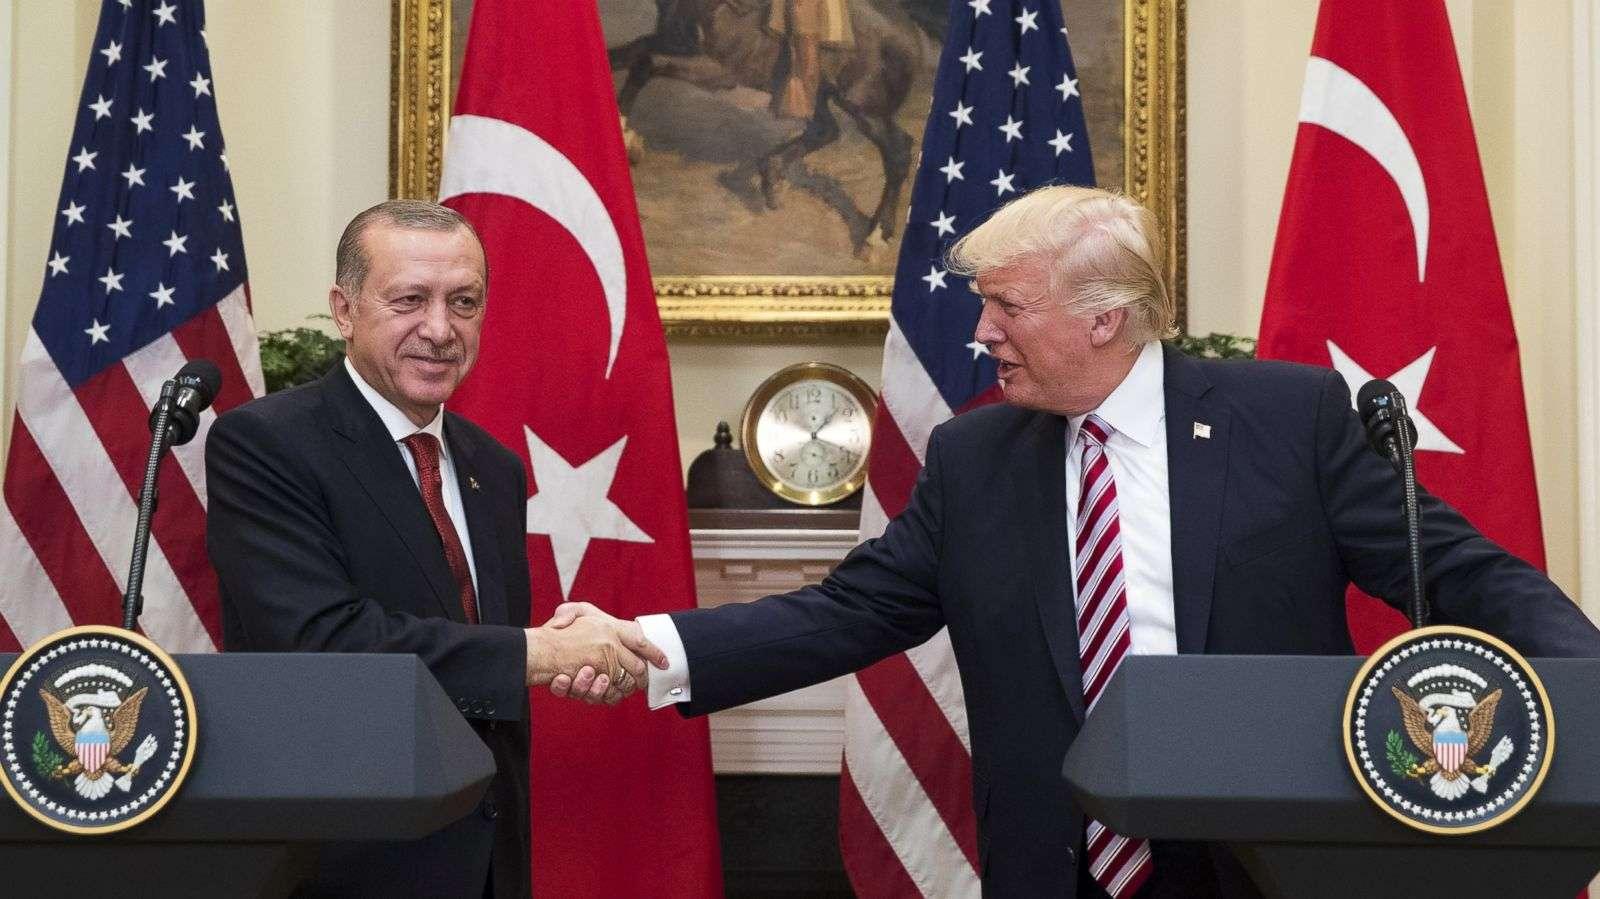 erdogan-marredheniet-me-shba-ne-do-te-forcohen-me-investime-dhe-tregti